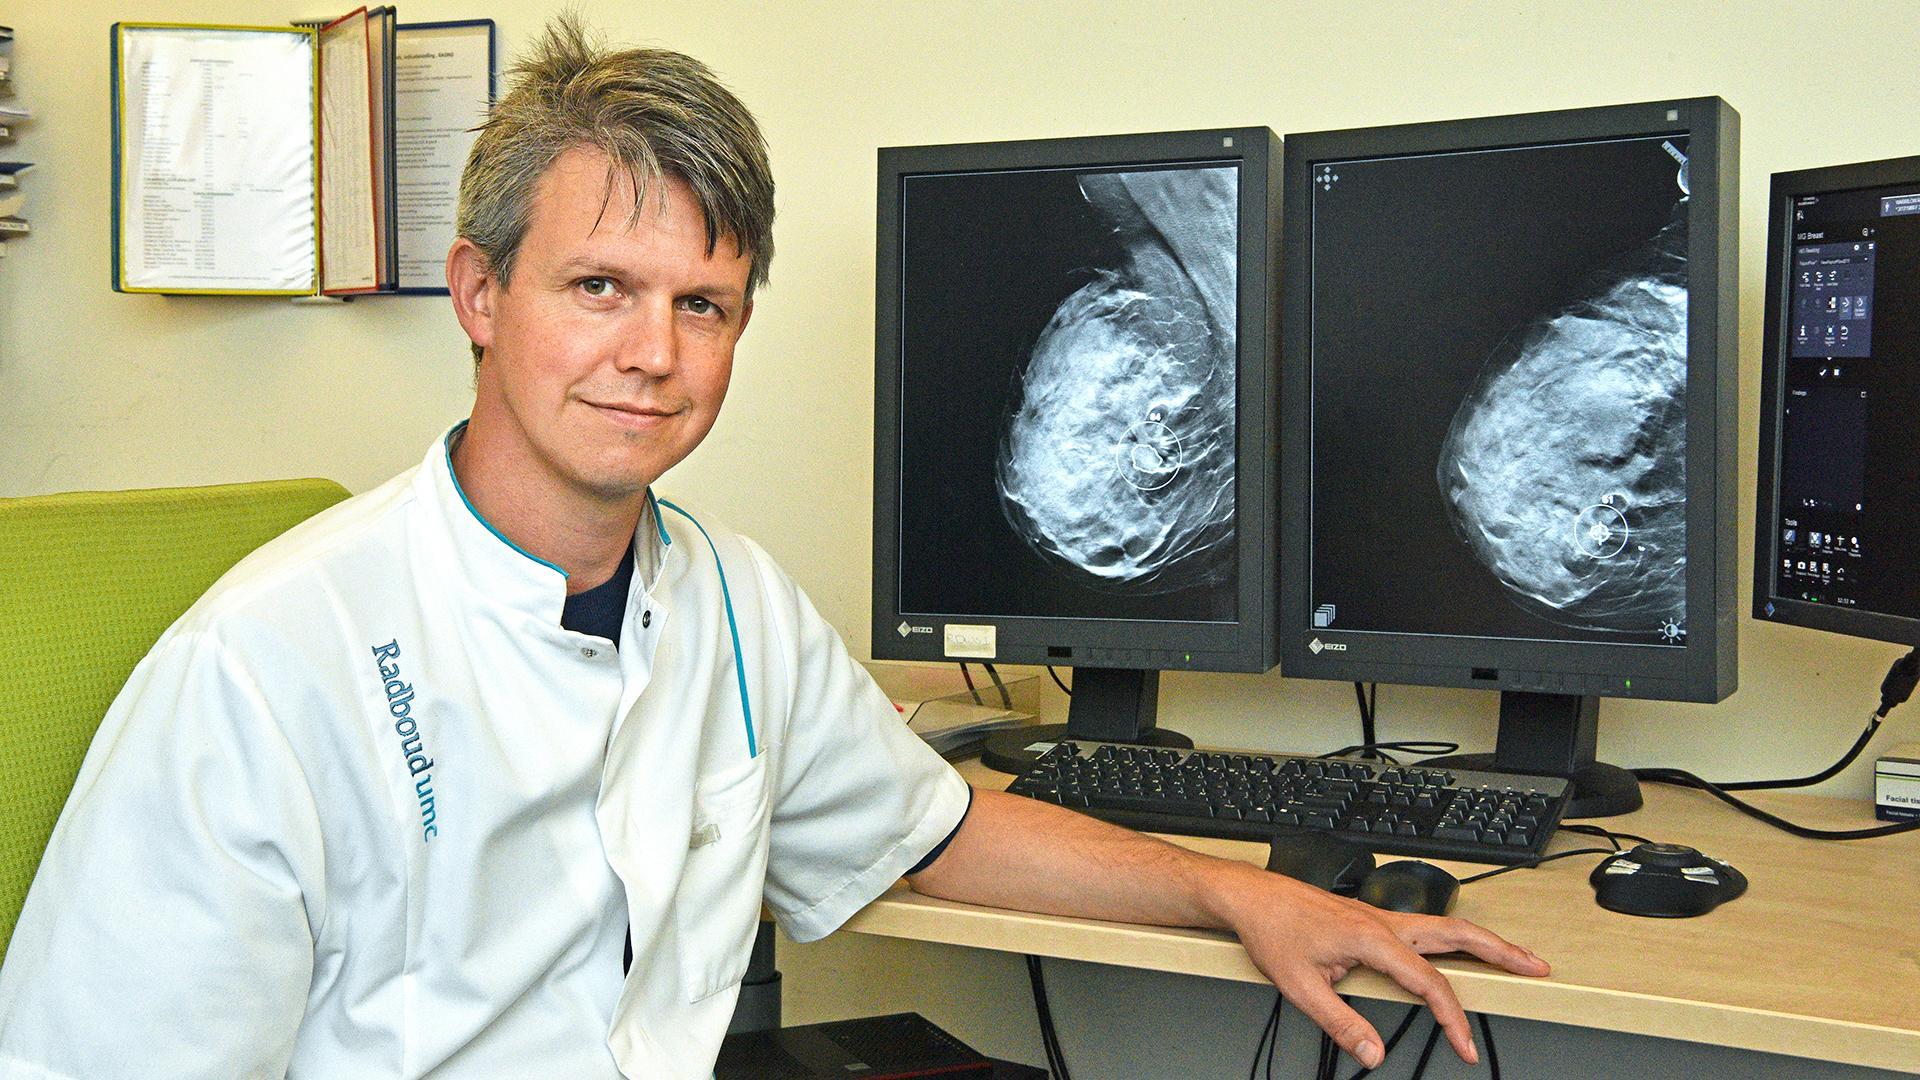 Radiologist Ritse Mann, MD, PhD, head of breast imaging at Radboud University Medical Center, Nijmegen, the Netherlands.